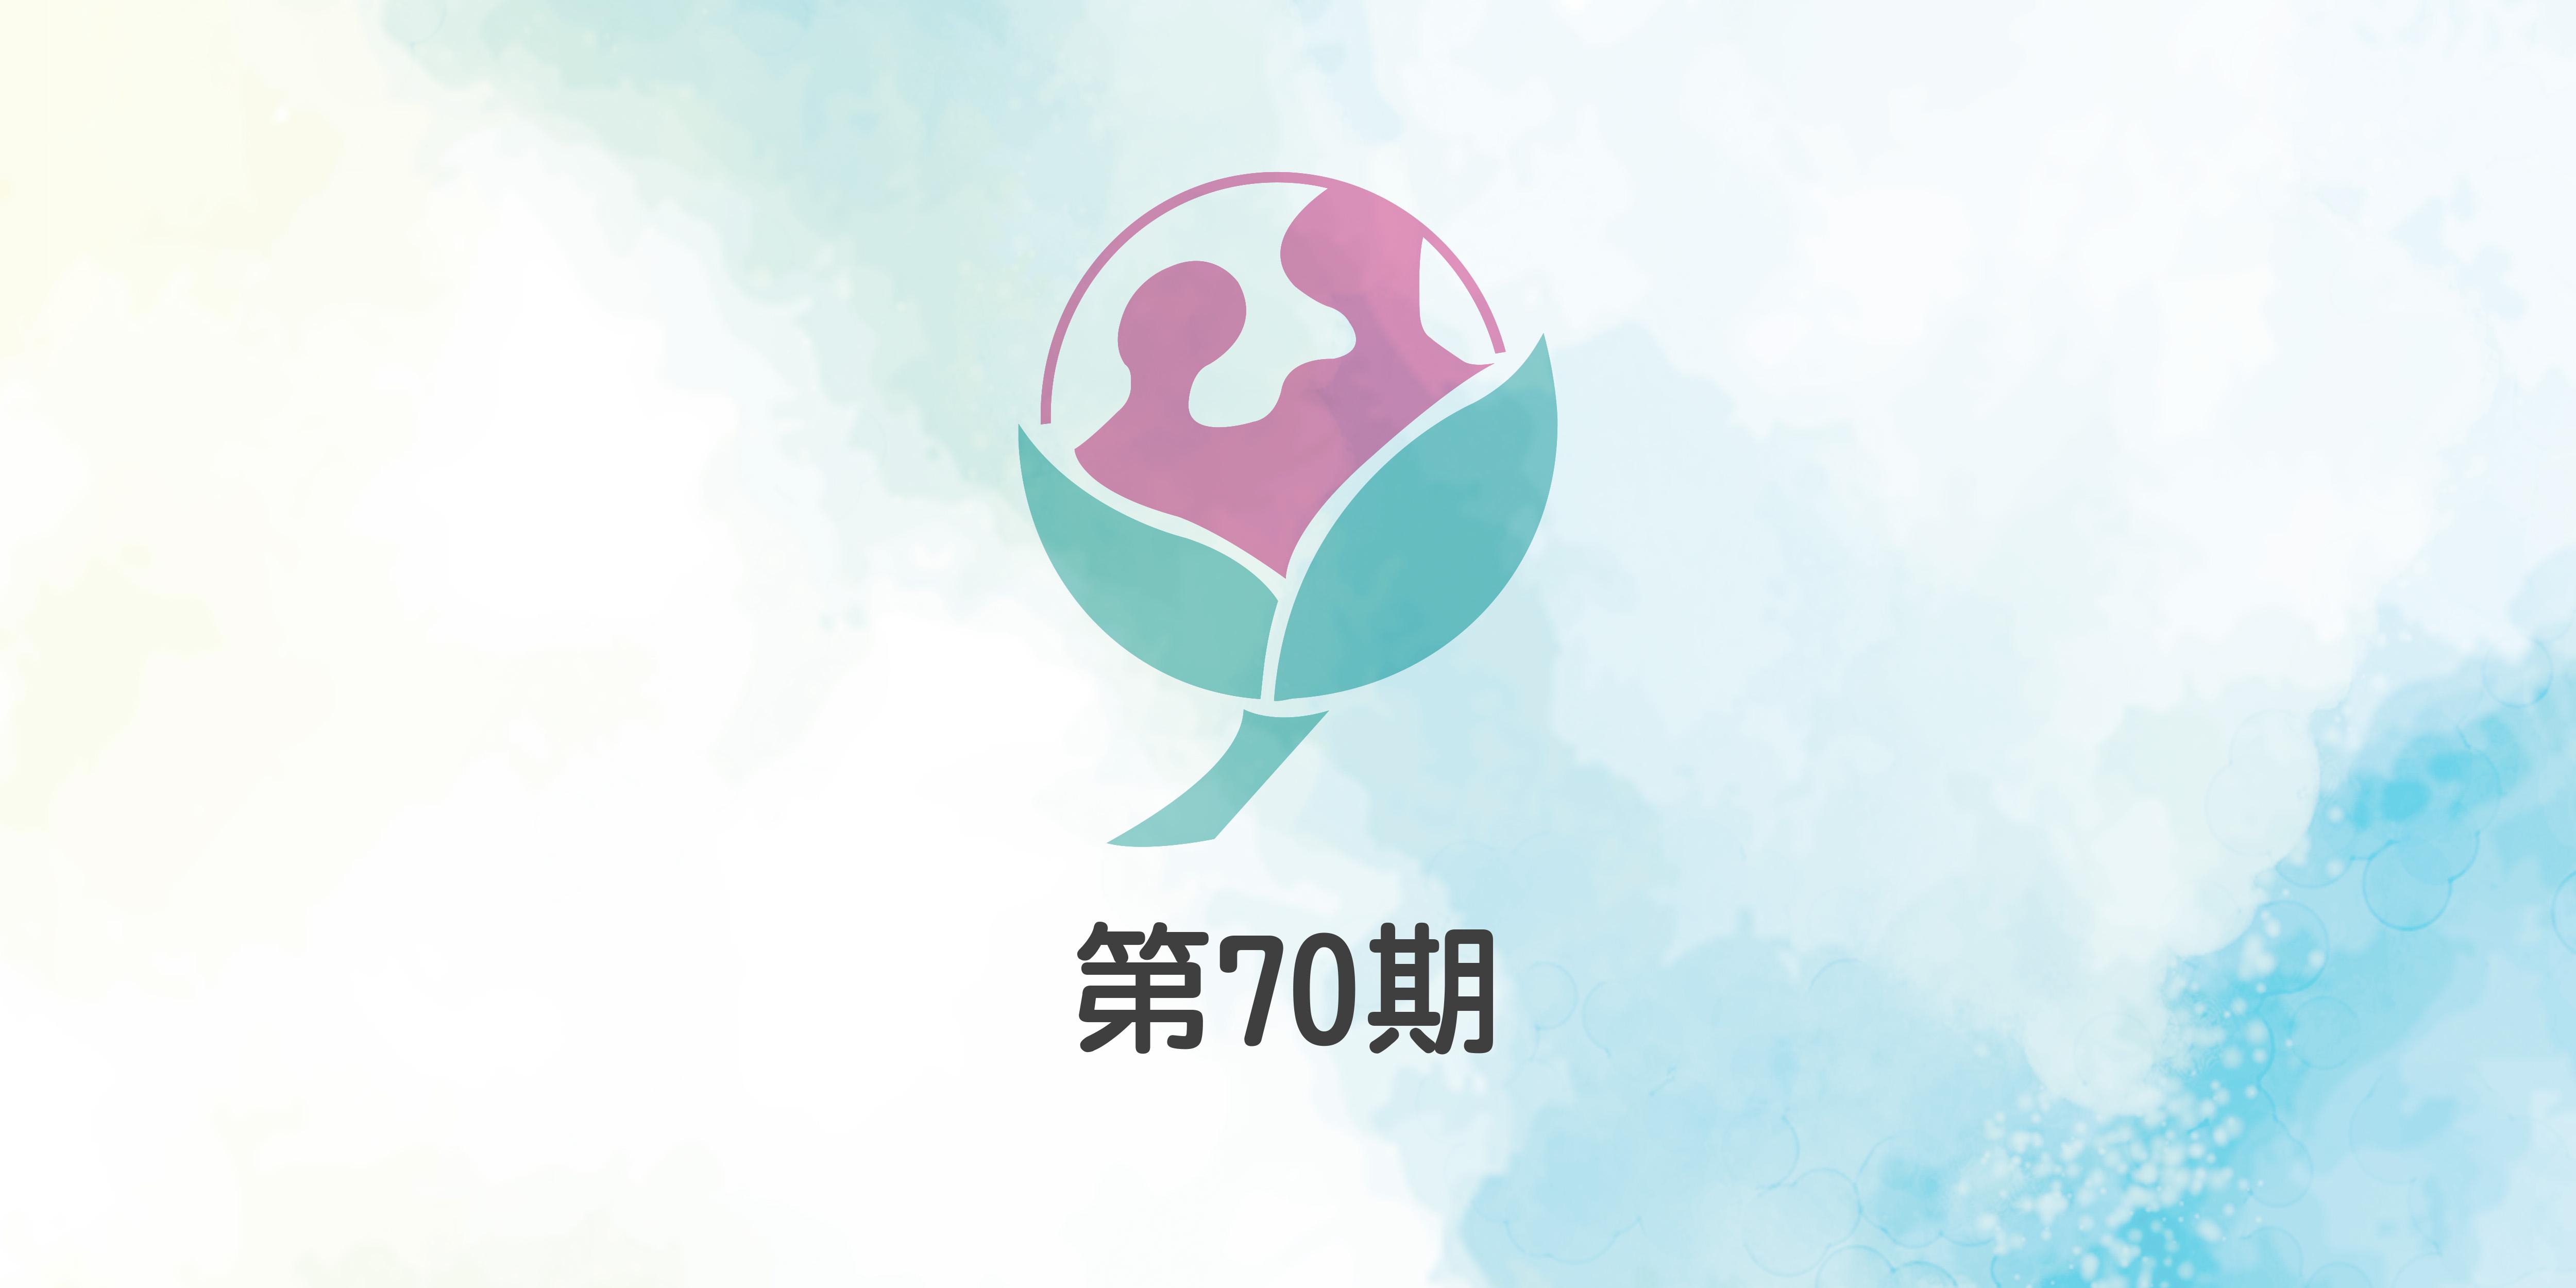 【育成基金會】第70期會訊 代表圖